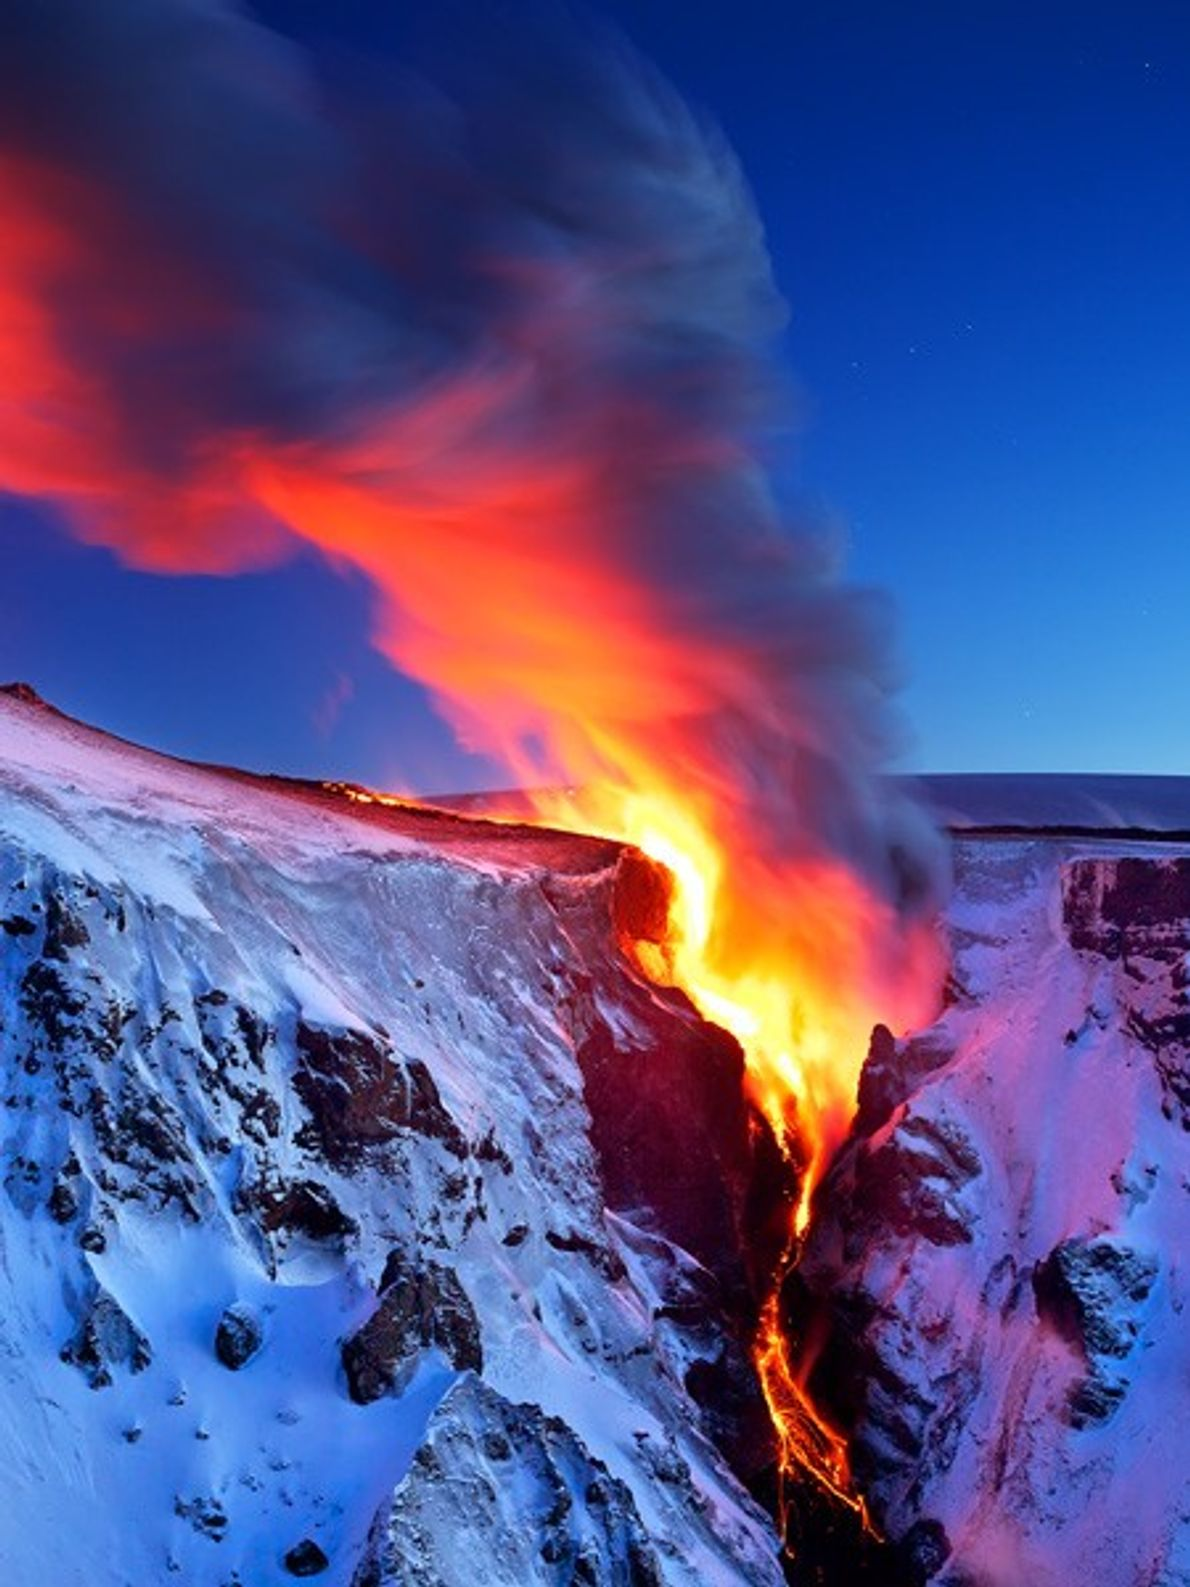 La lava fluye hacia un valle en el sur de Islandia cerca del volcán Eyjafjallajökull.